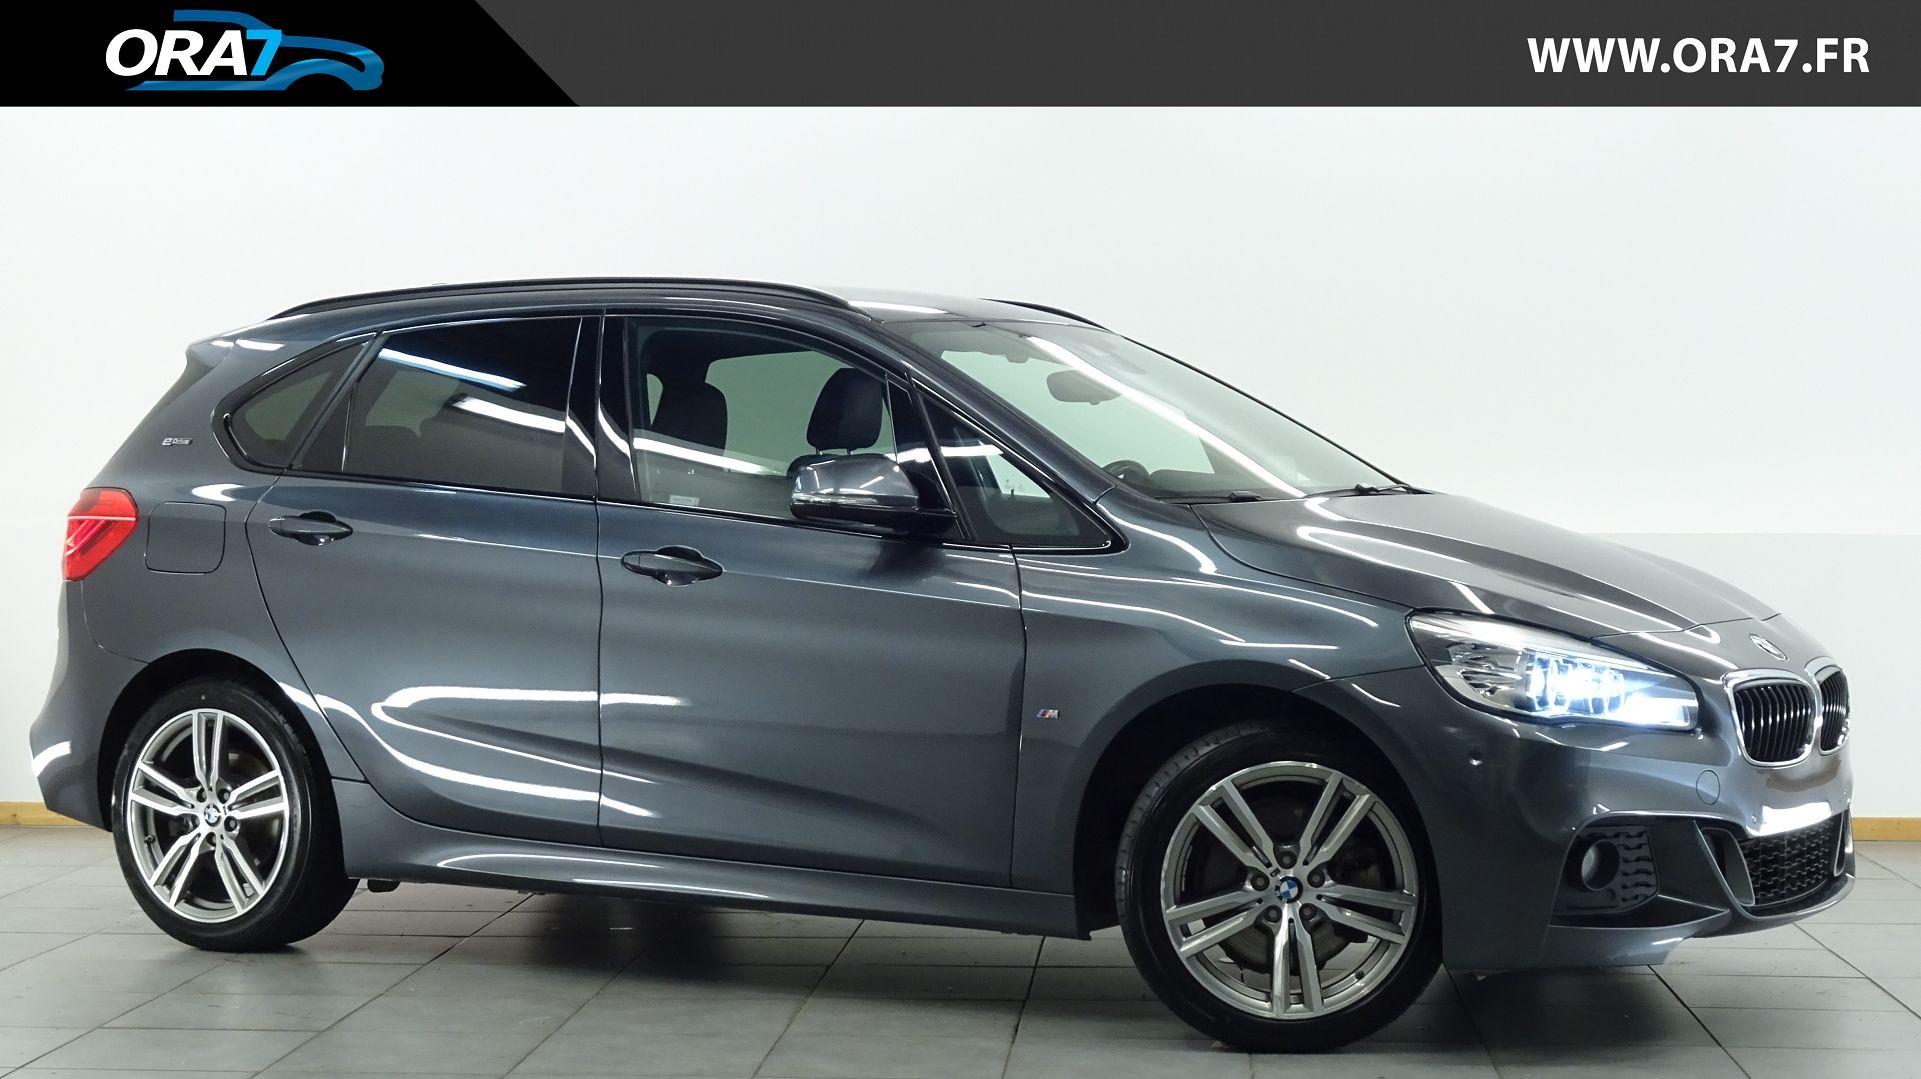 BMW SERIE 2 ACTIVETOURER (F45) 225XEA 224CH M SPORT d'occasion dans votre centre ORA7